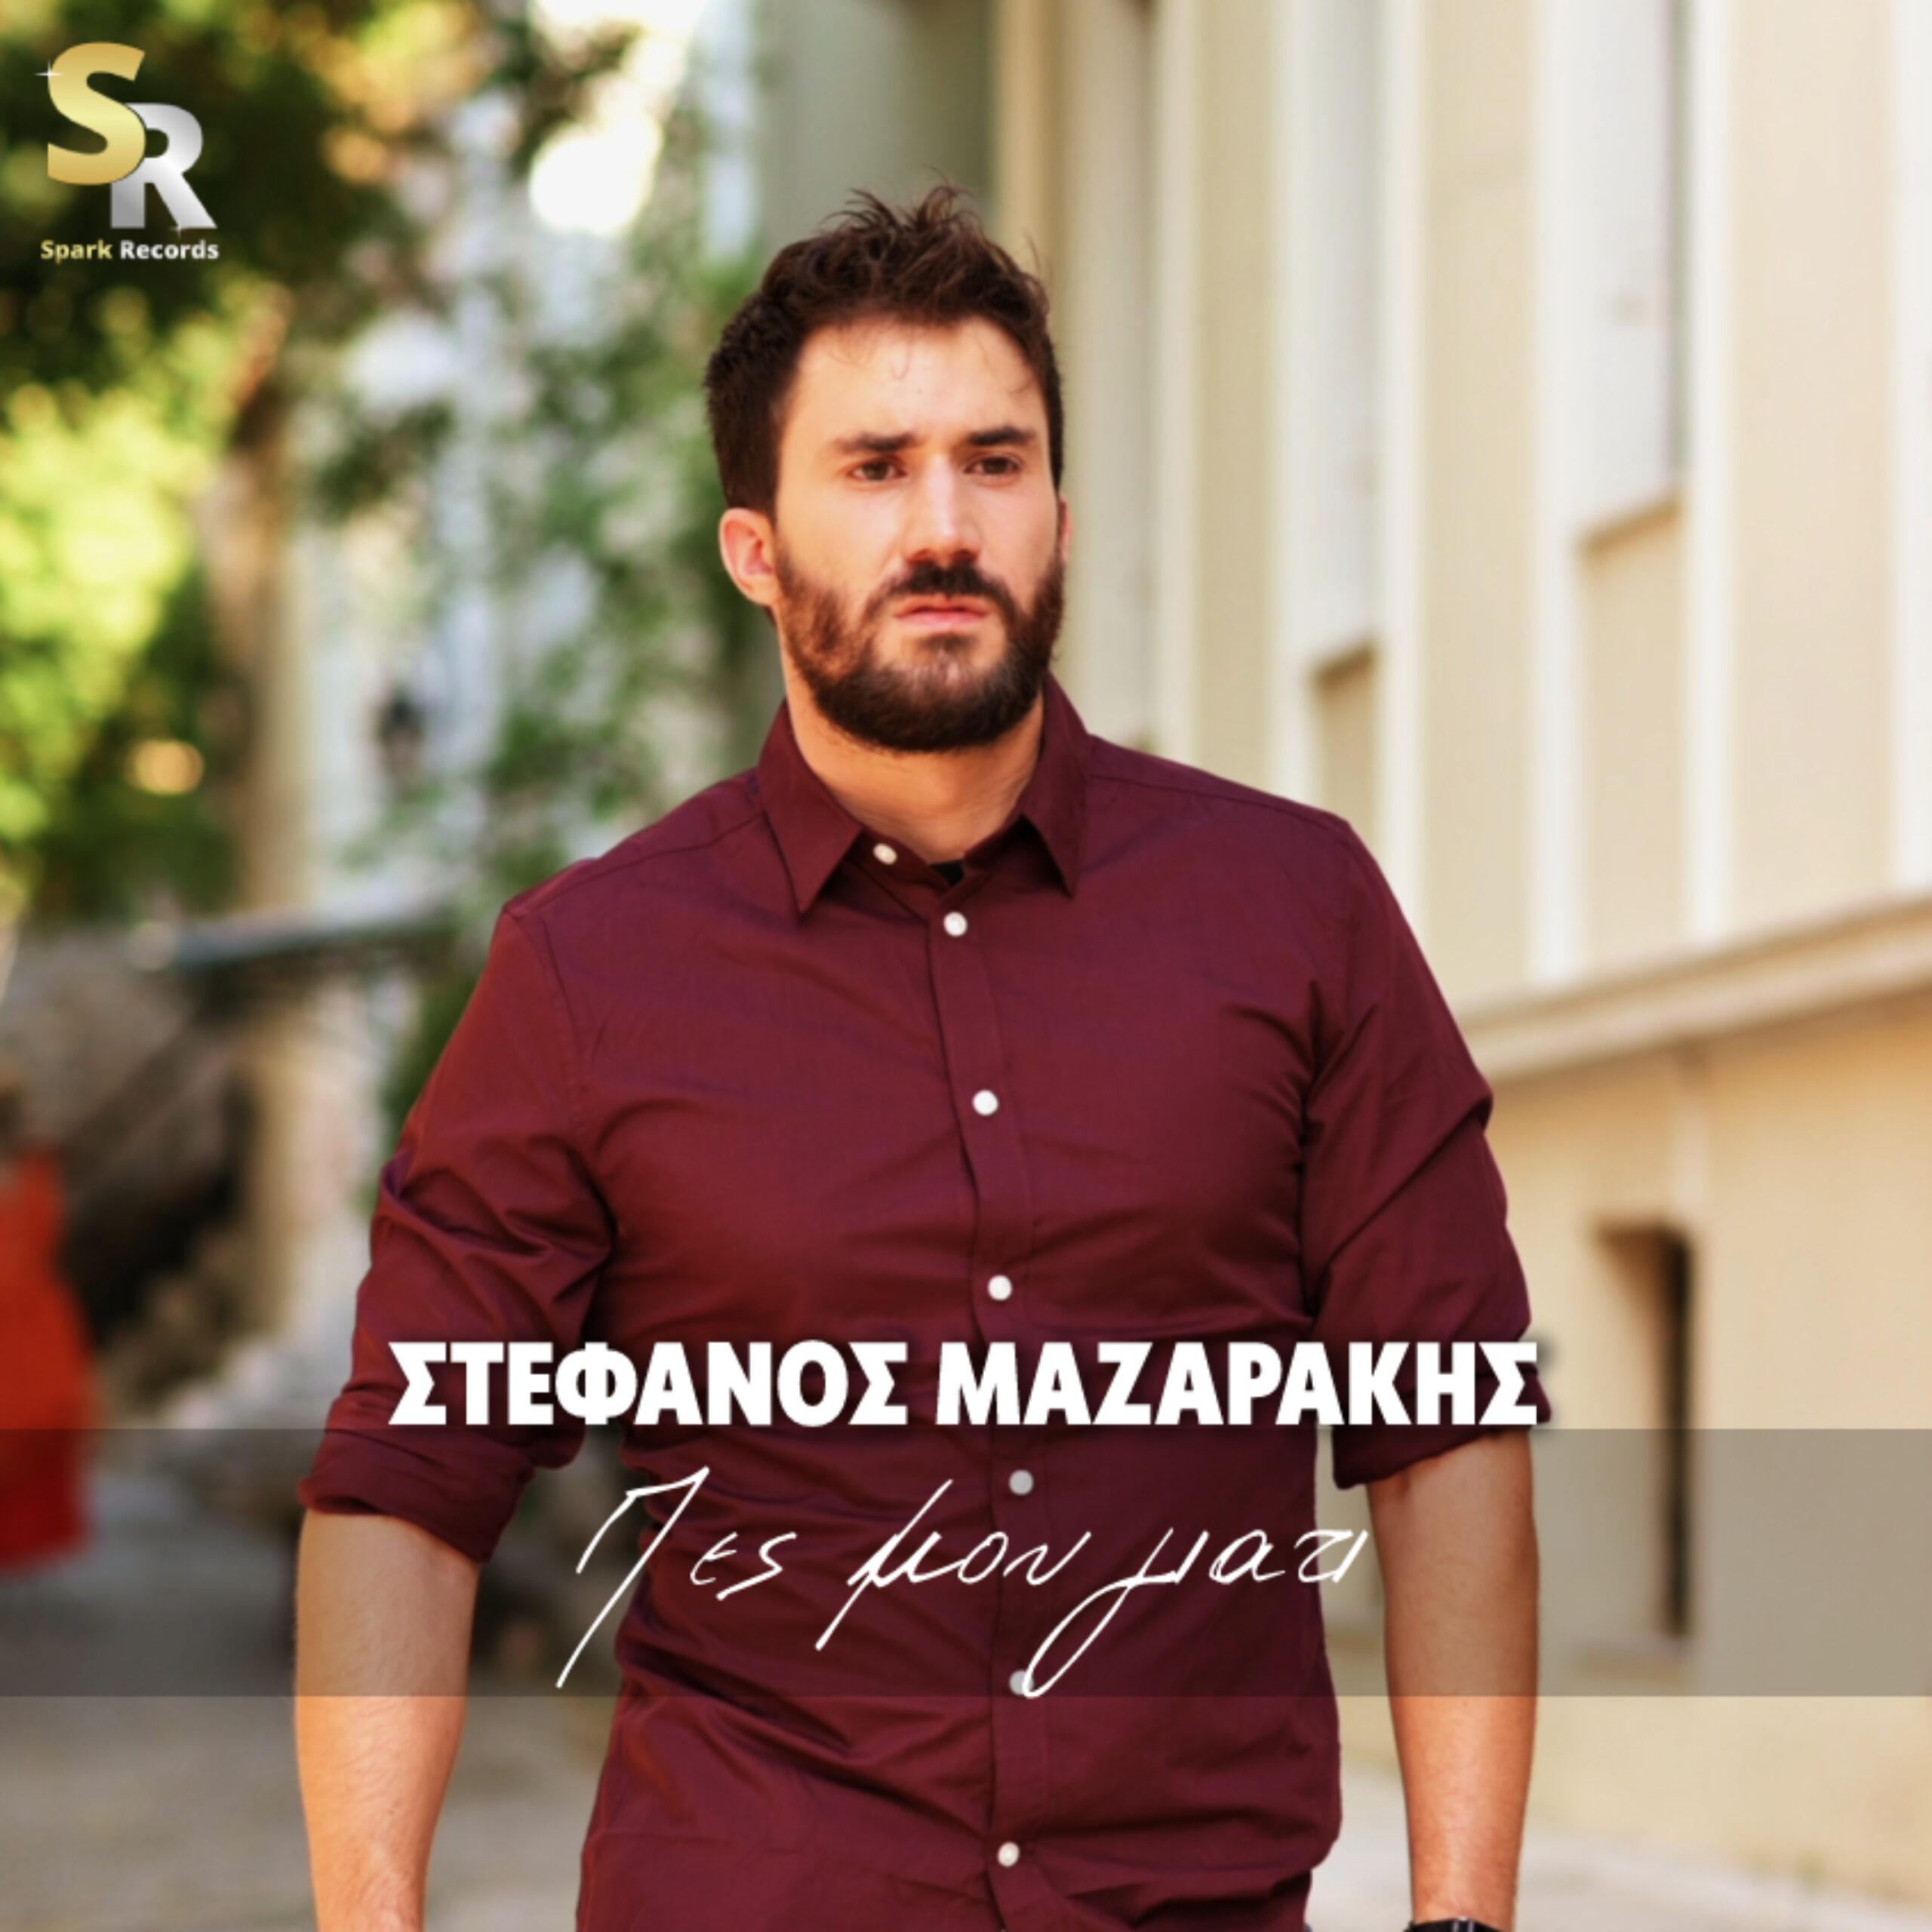 Στέφανος Μαζαράκης – Πες μου γιατί | Νέο τραγούδι απο τη Spark Records